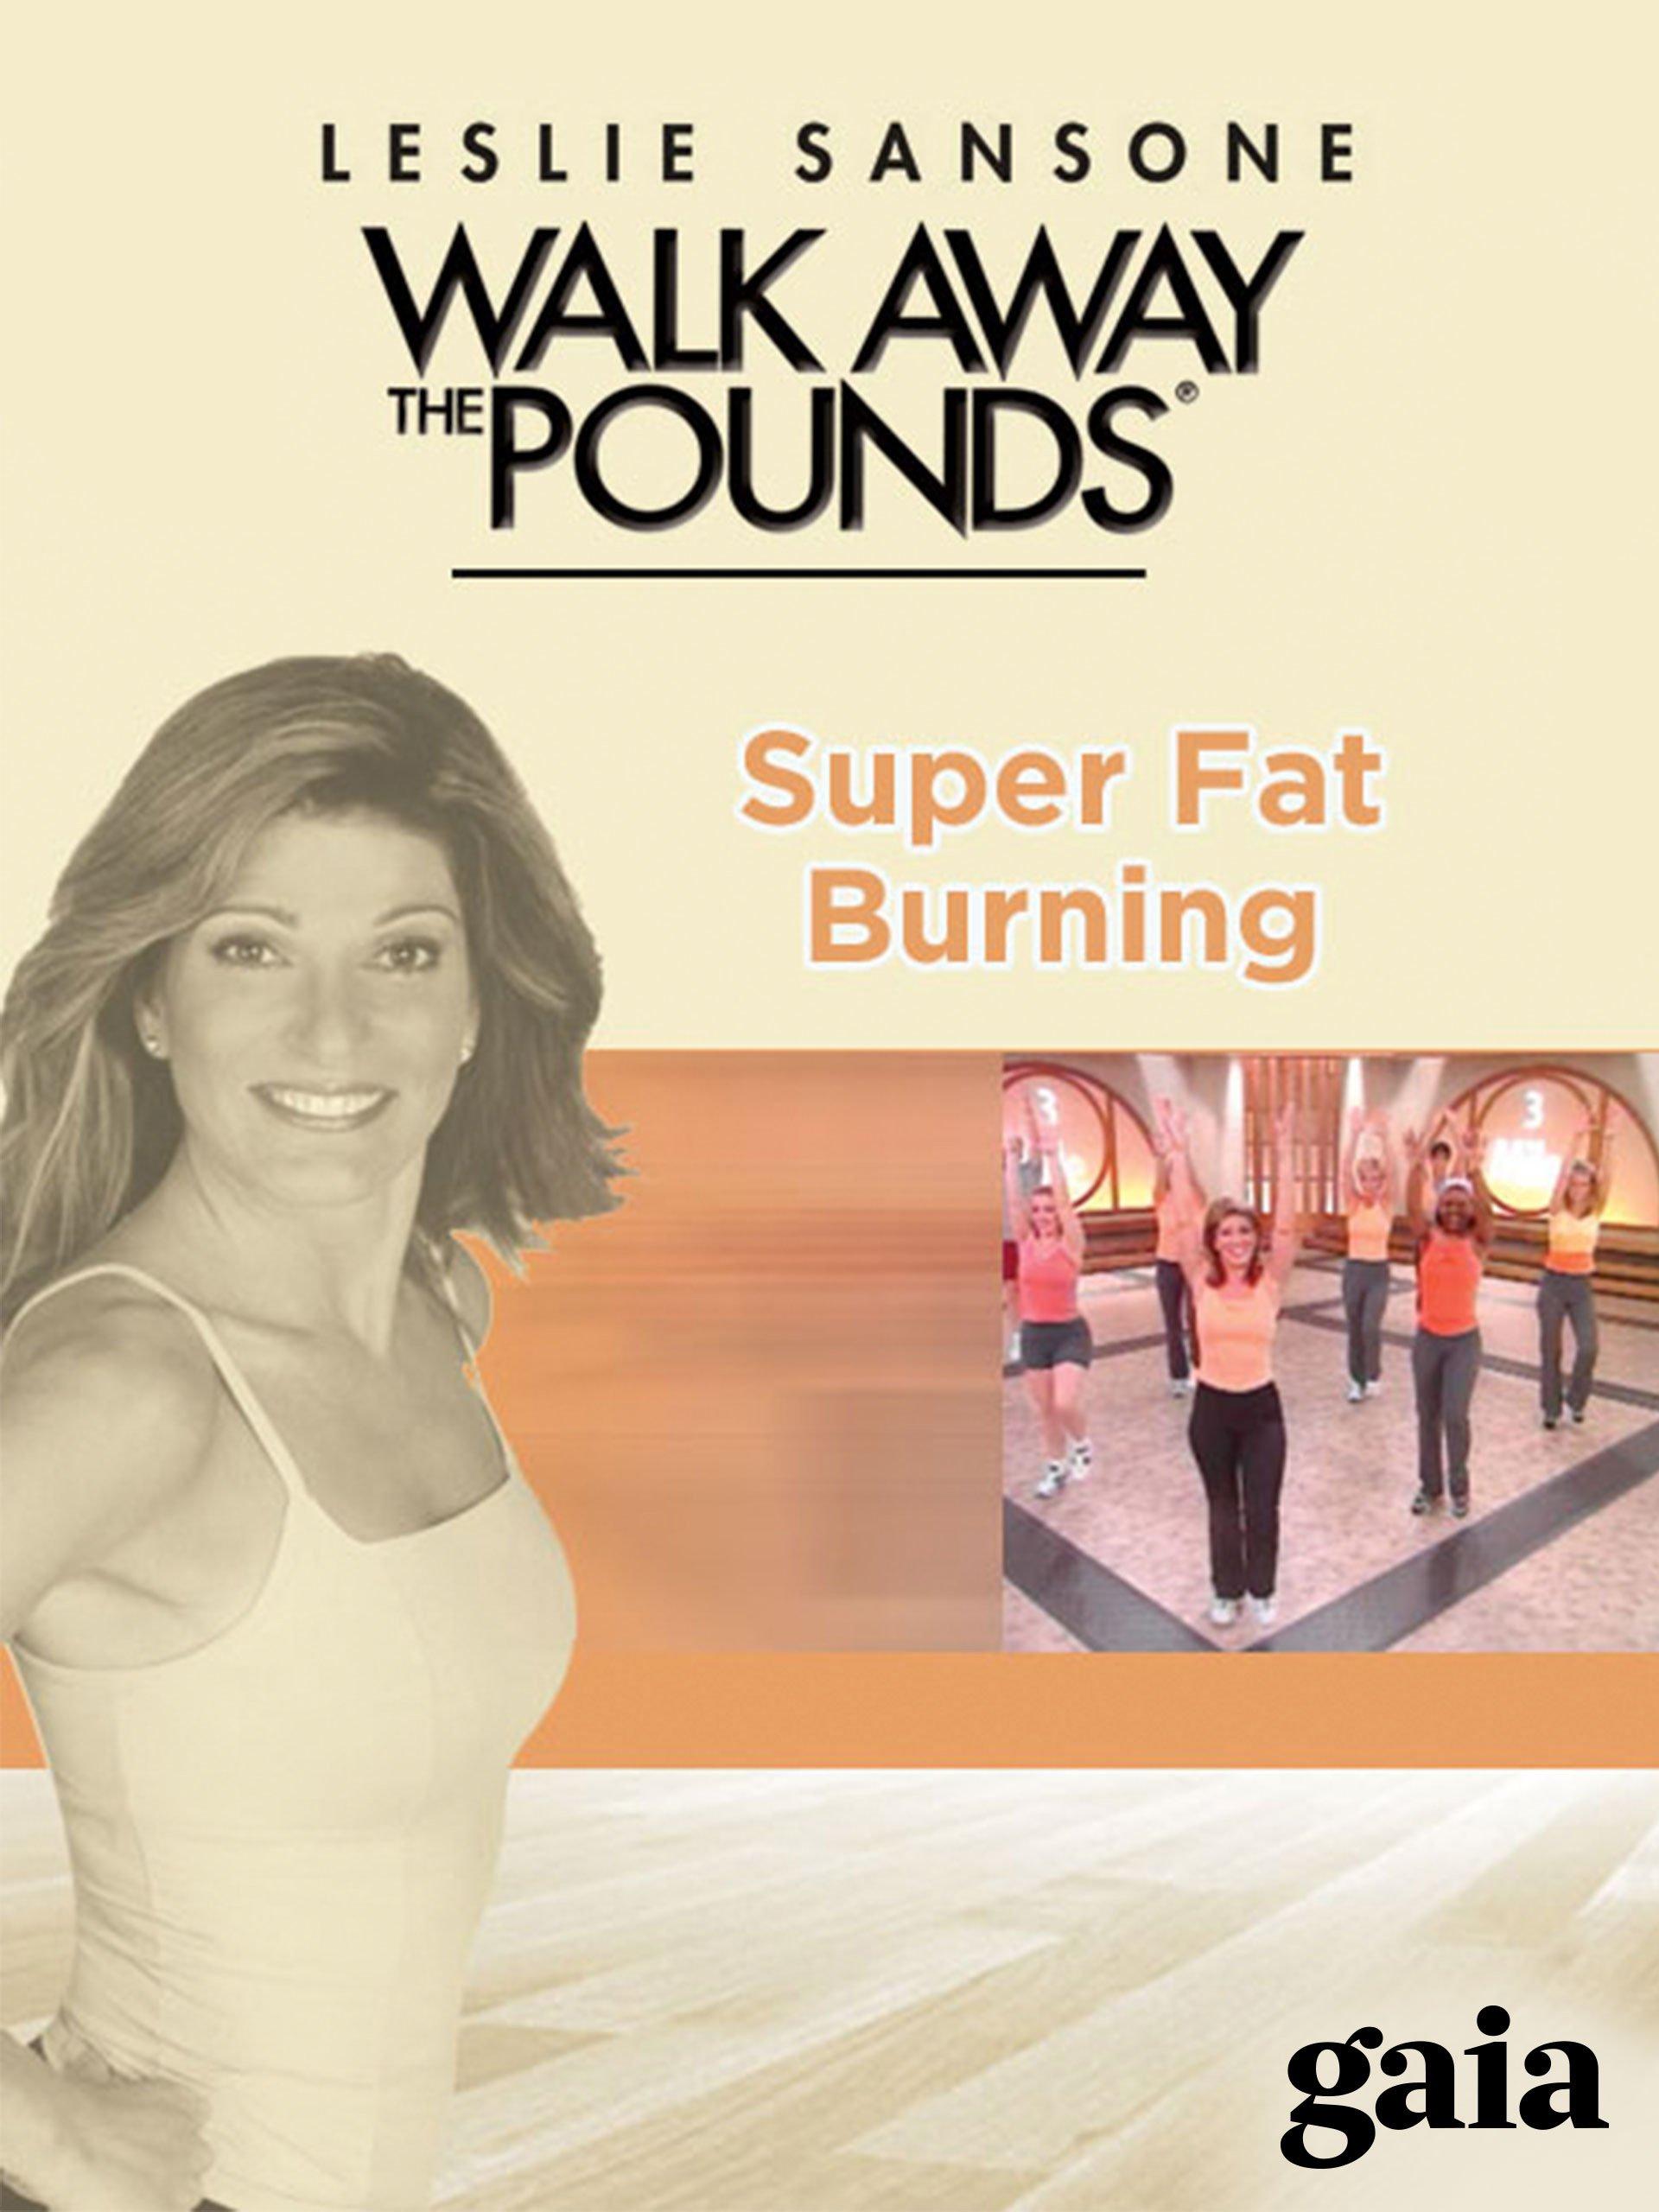 leslie sansone walk away the pounds super fat